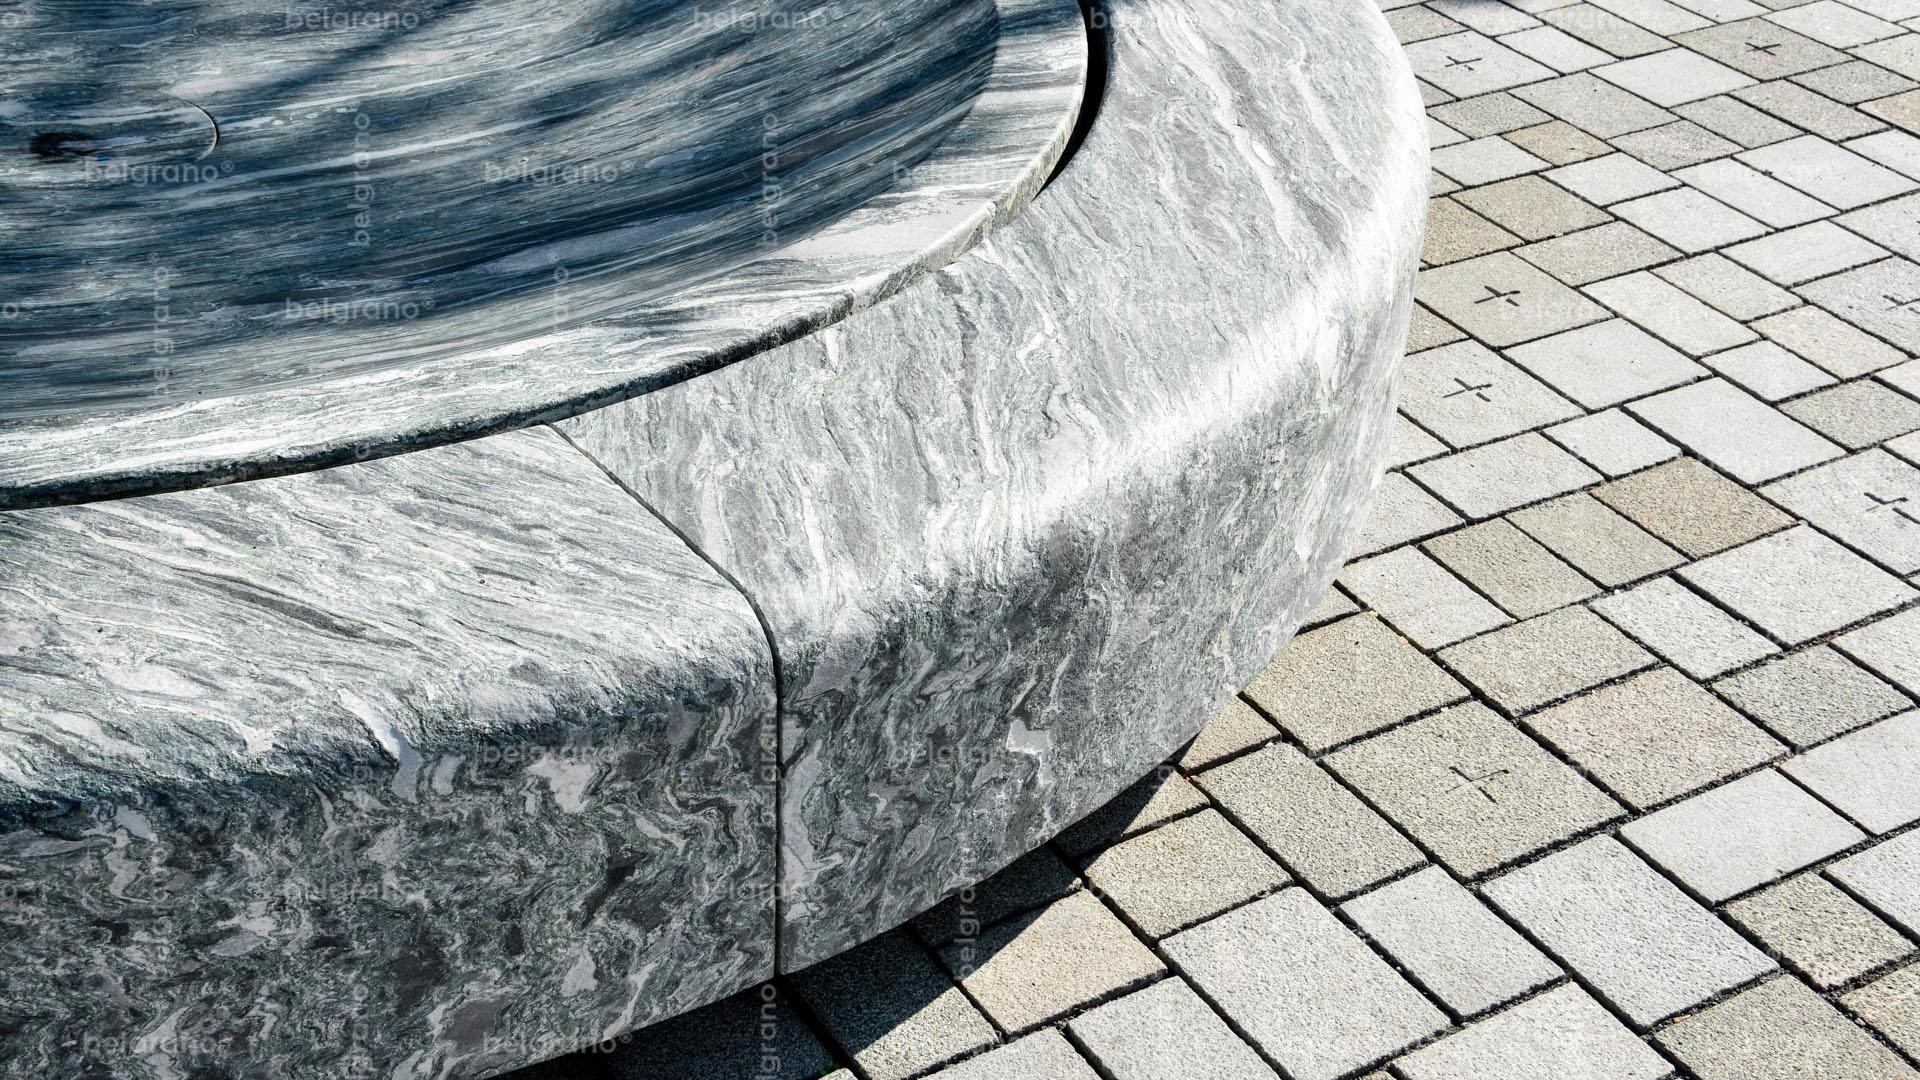 Viehmarkt in Hammelburg - mit mehrfarbigen gravierten belgrano® Naturstein Pflastersteinen aus Granit und einem Naturstein Brunnen aus Gneis